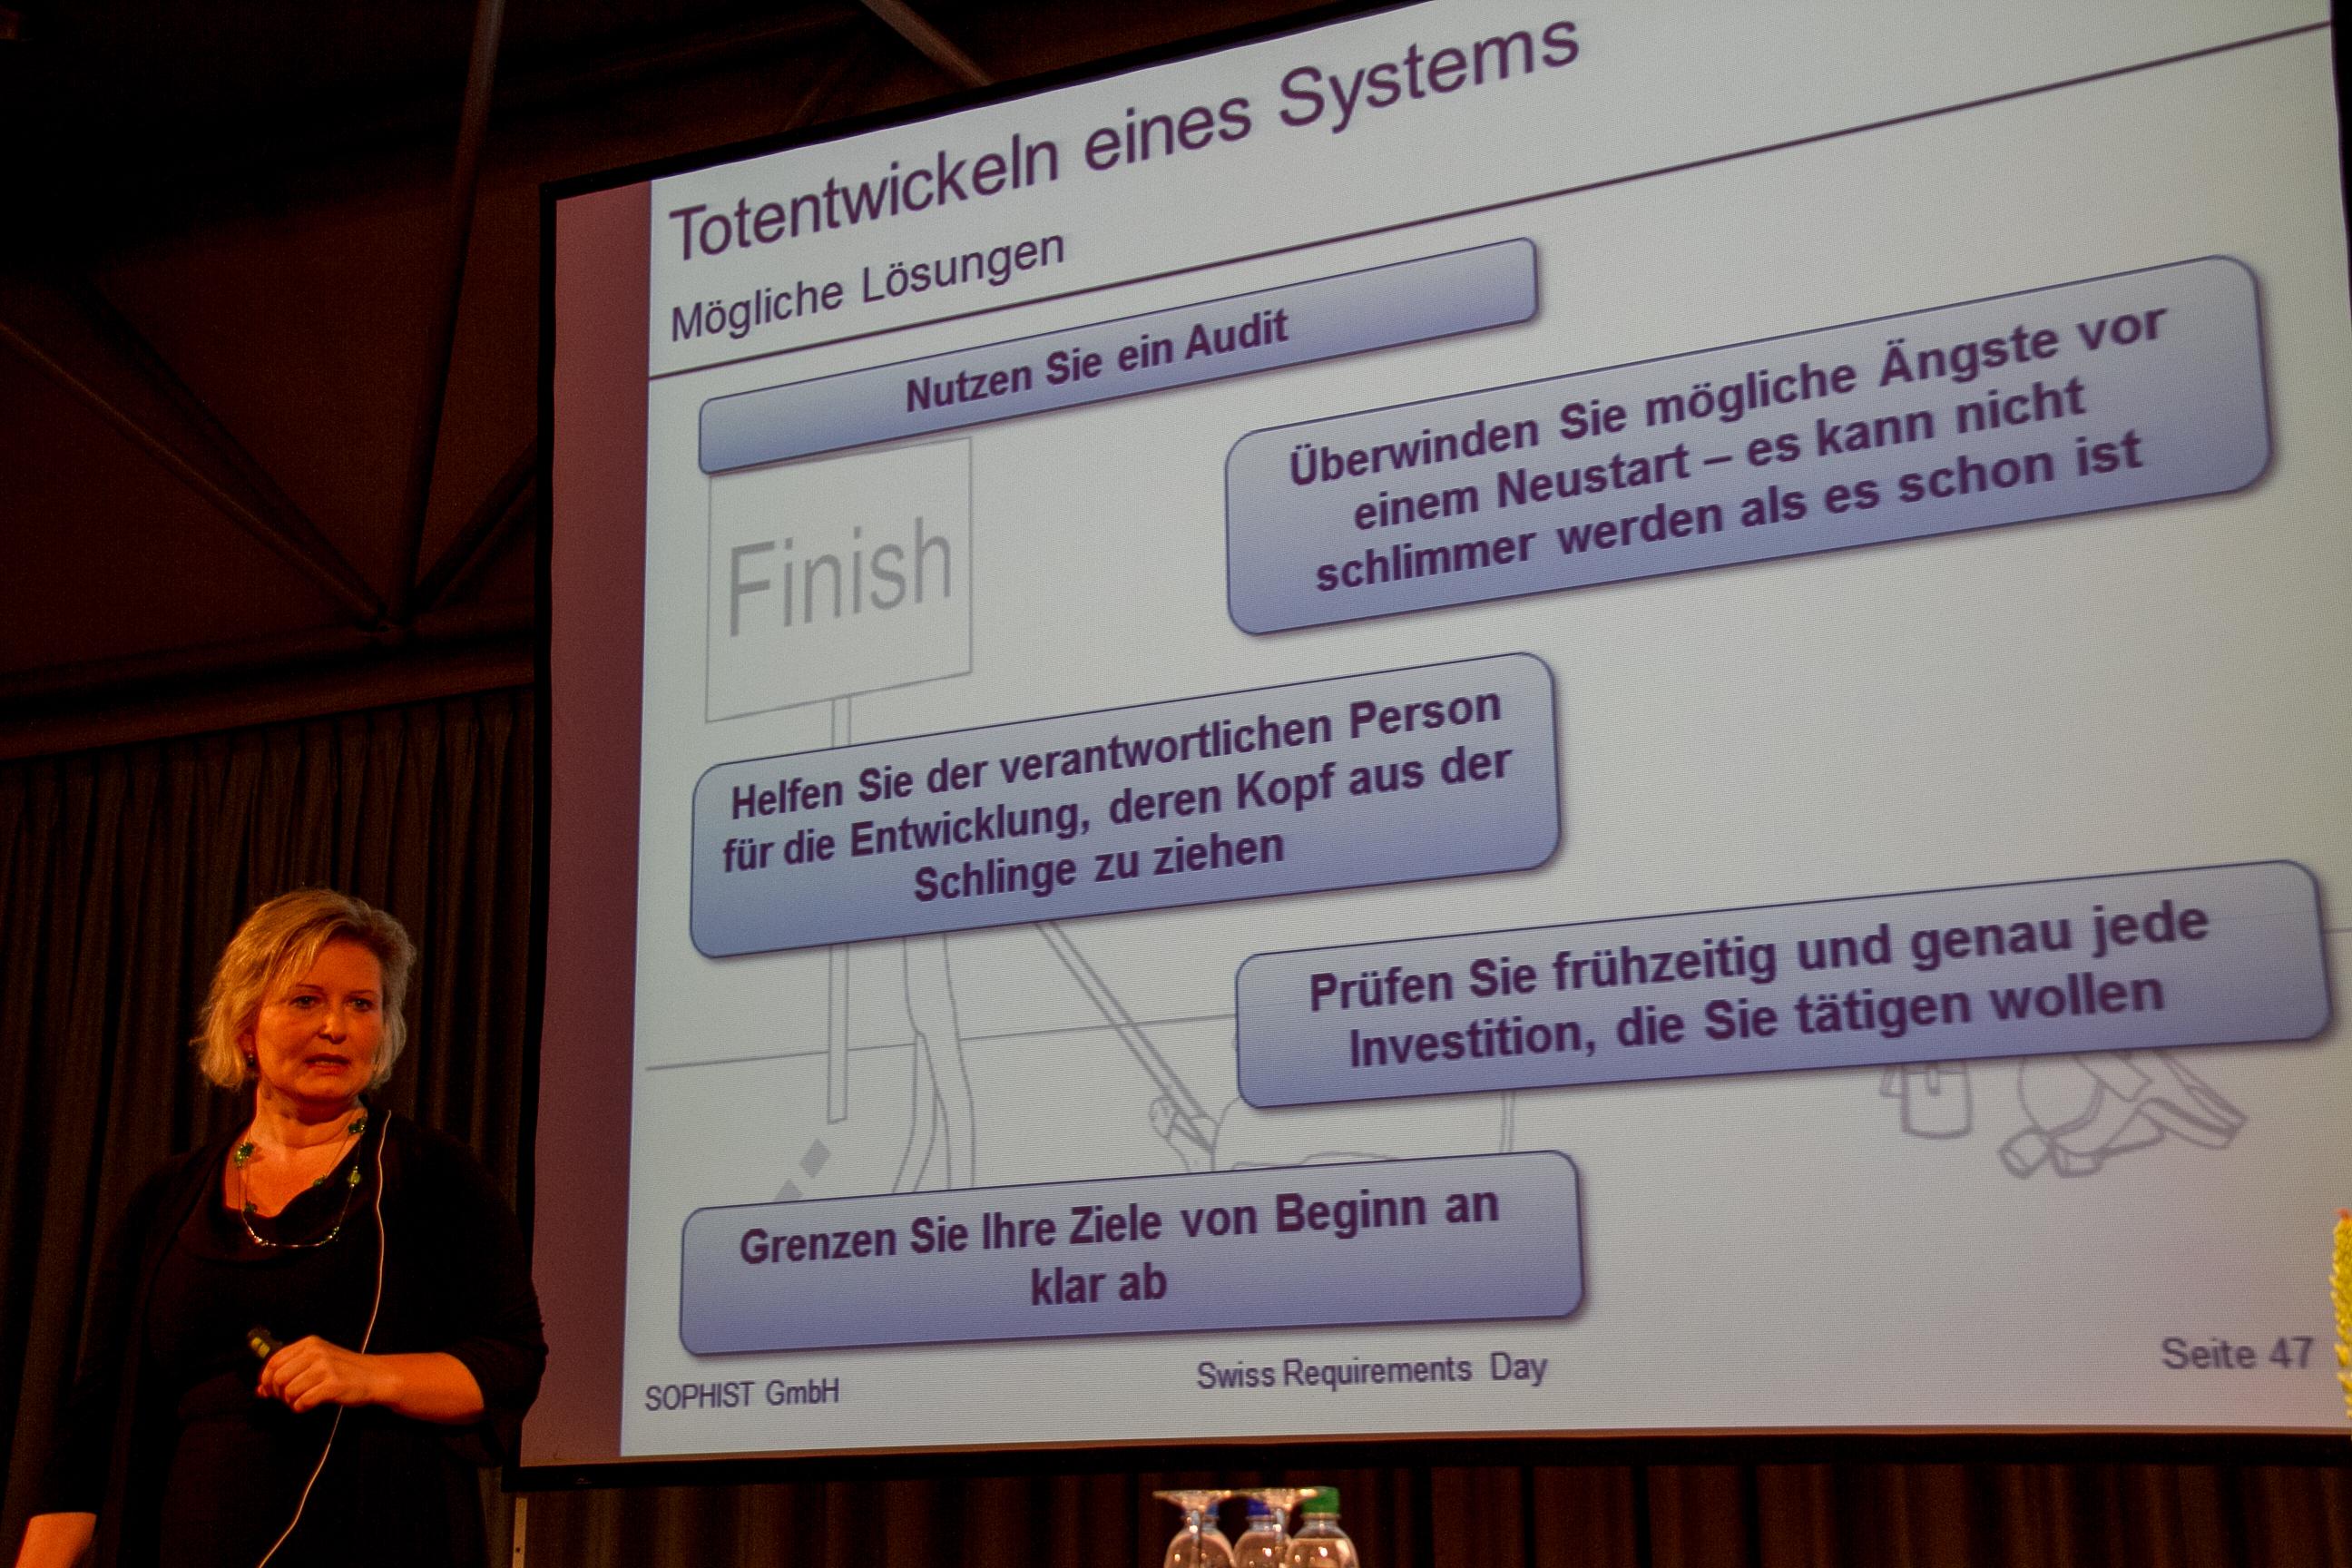 Chris Rupp: Loesungen gegen das Totentwickeln eines IT-Projekts (Vortrag-Slides)